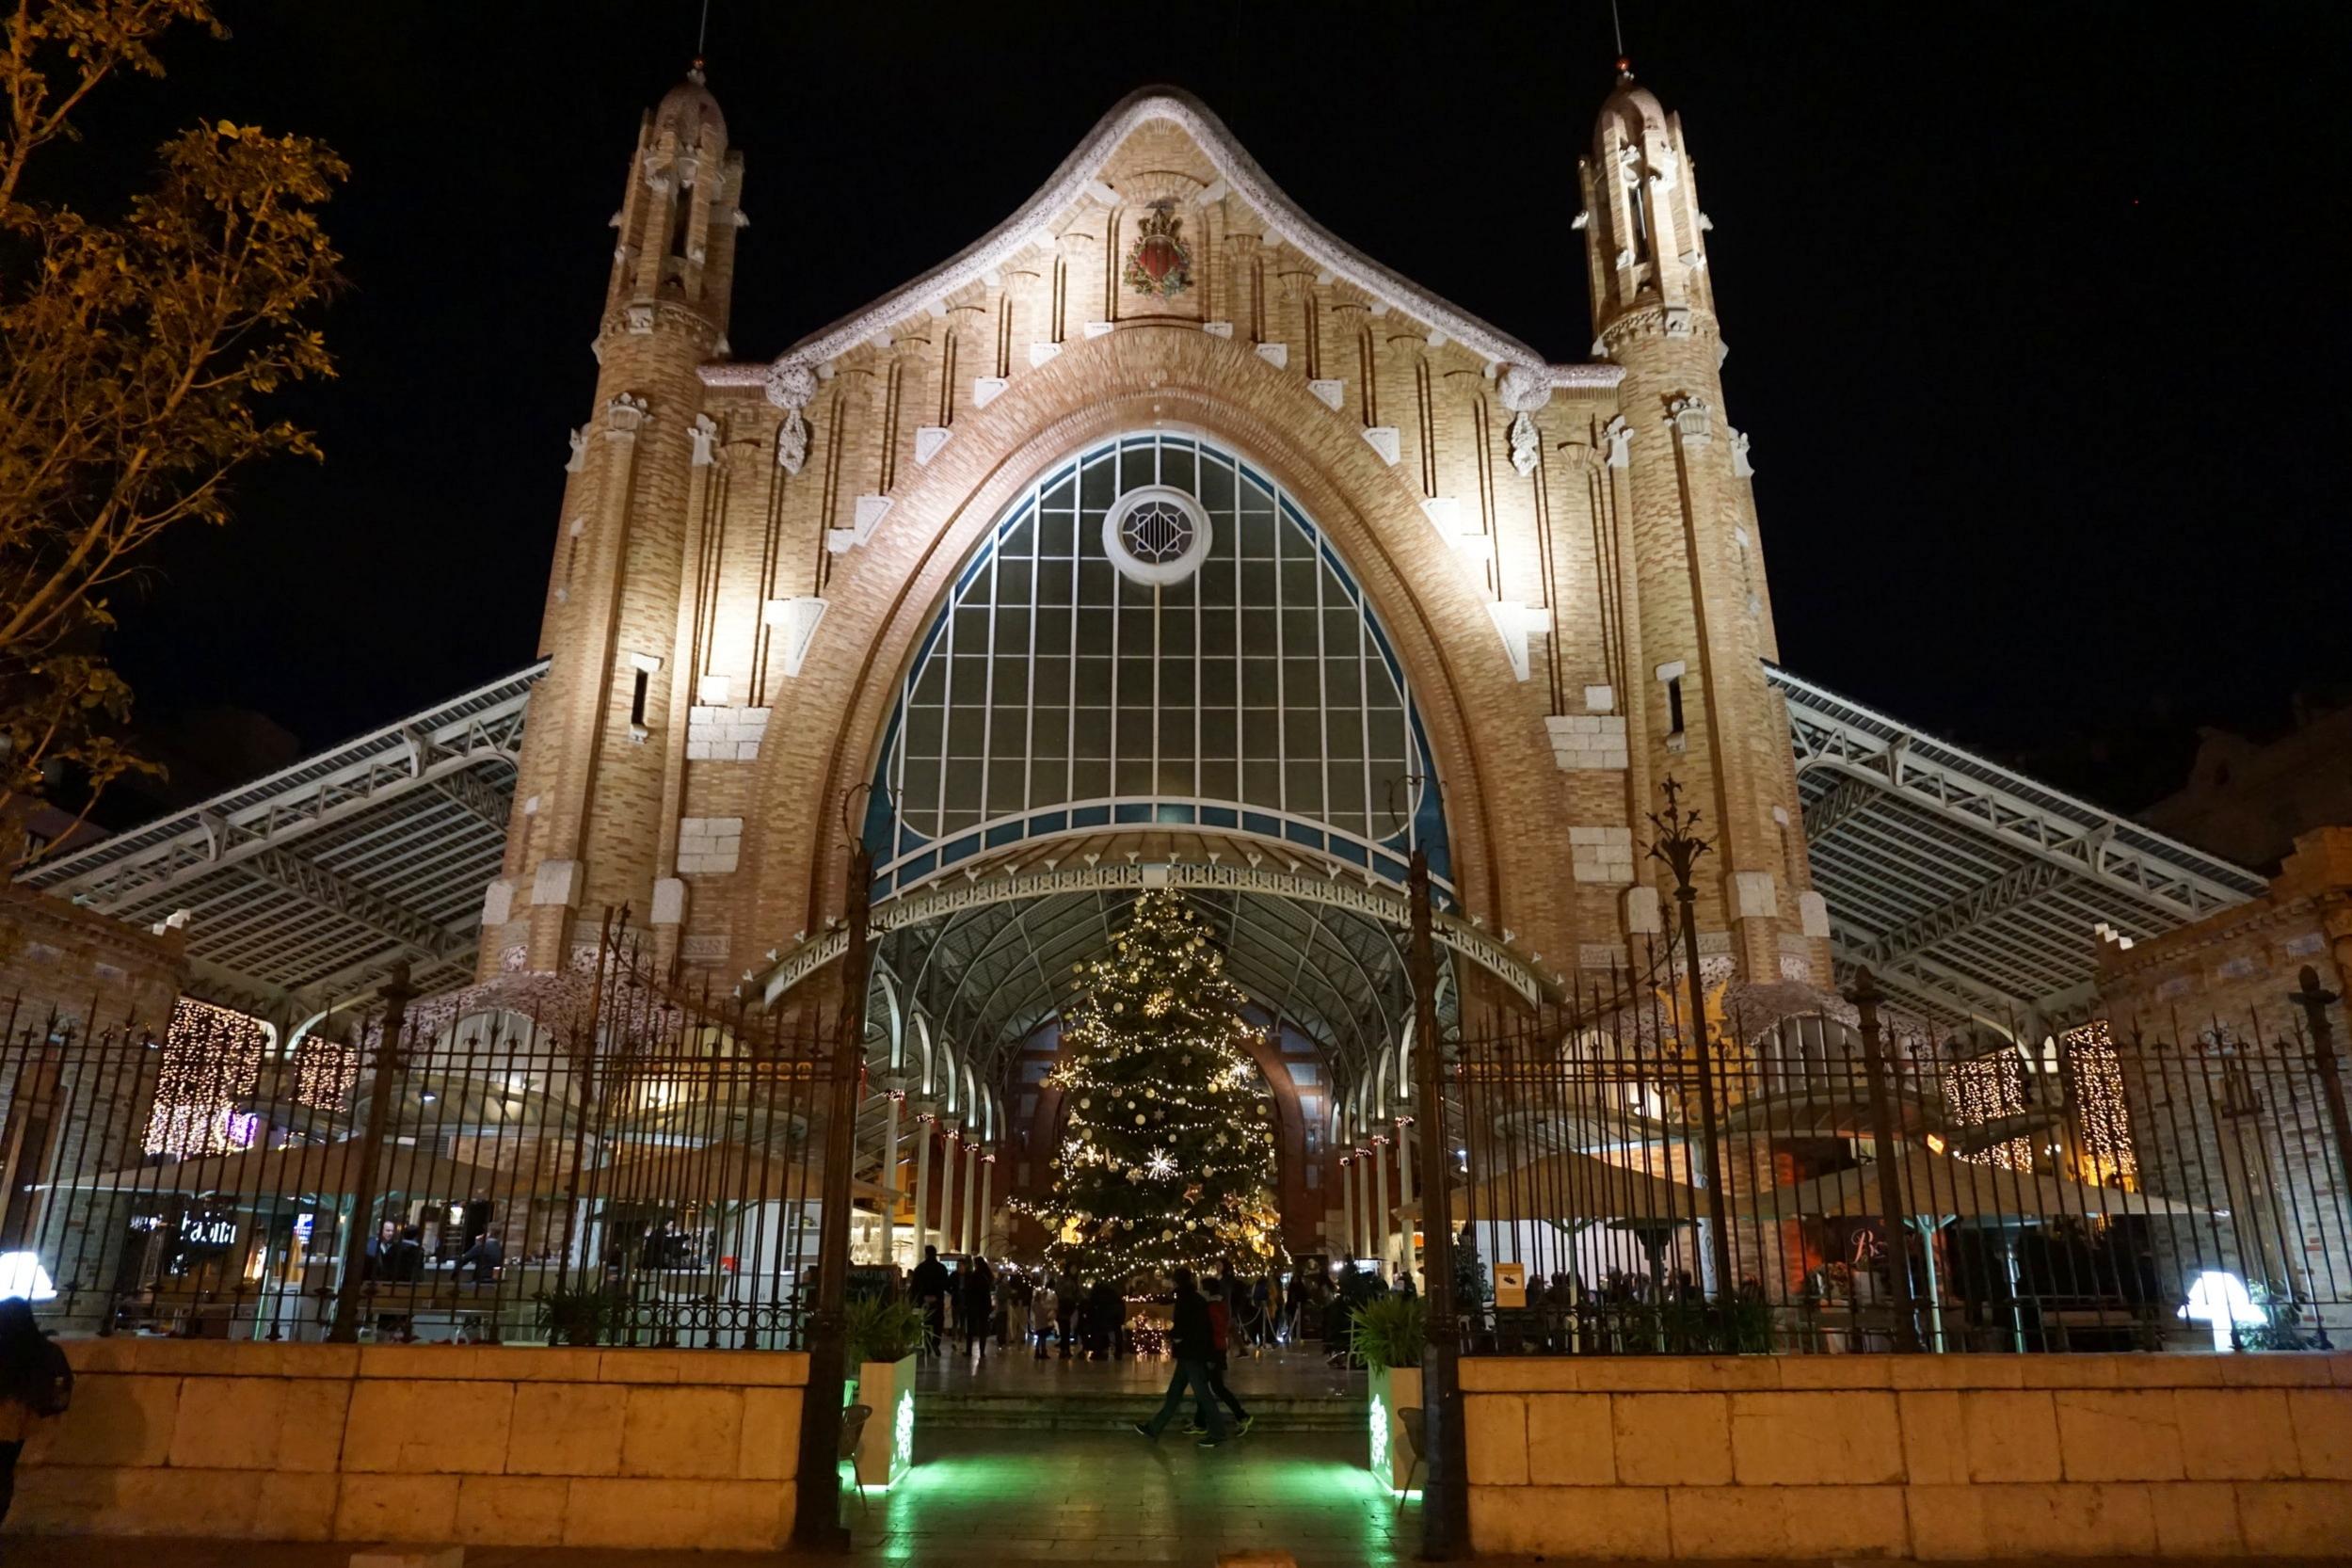 Mercado Colon facade in Valencia, Spain